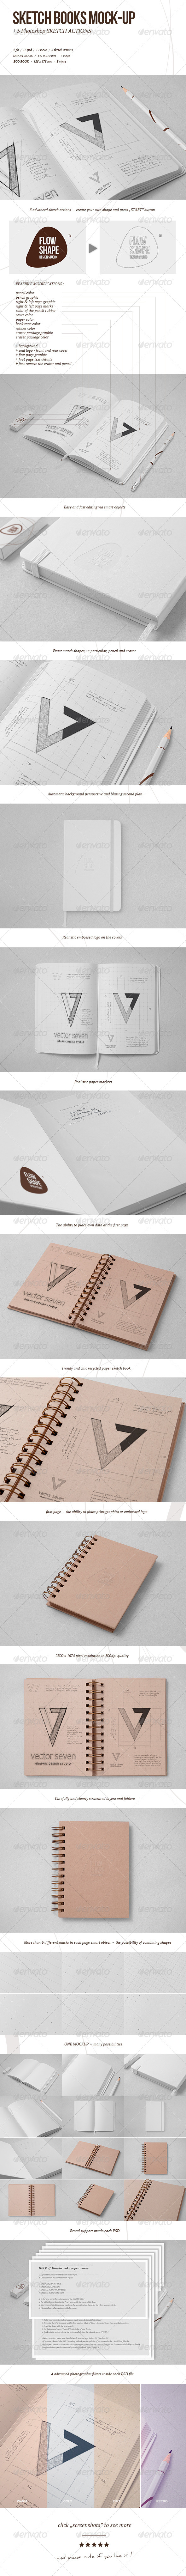 GraphicRiver Sketchbook Mock-up & Sketch Actions 5689835